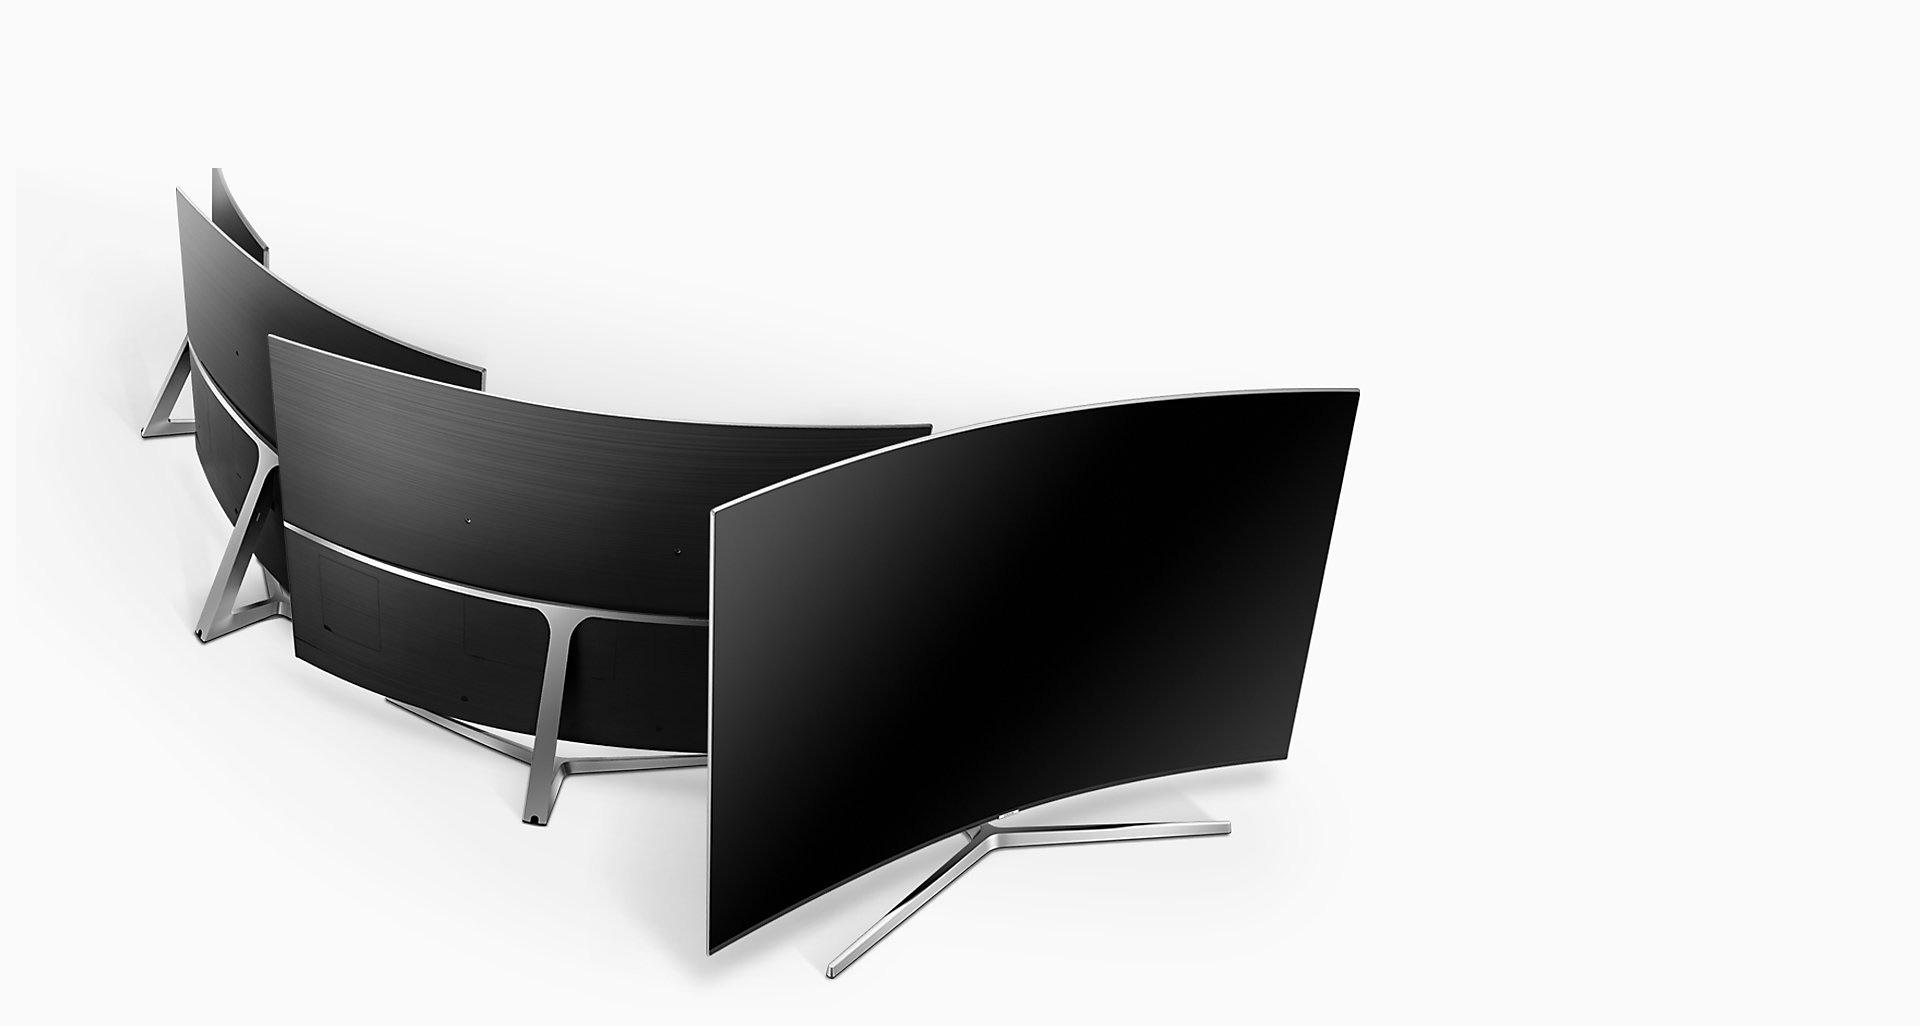 طراحی 360 درجه سامسونگ برای تلویزیون MU10000